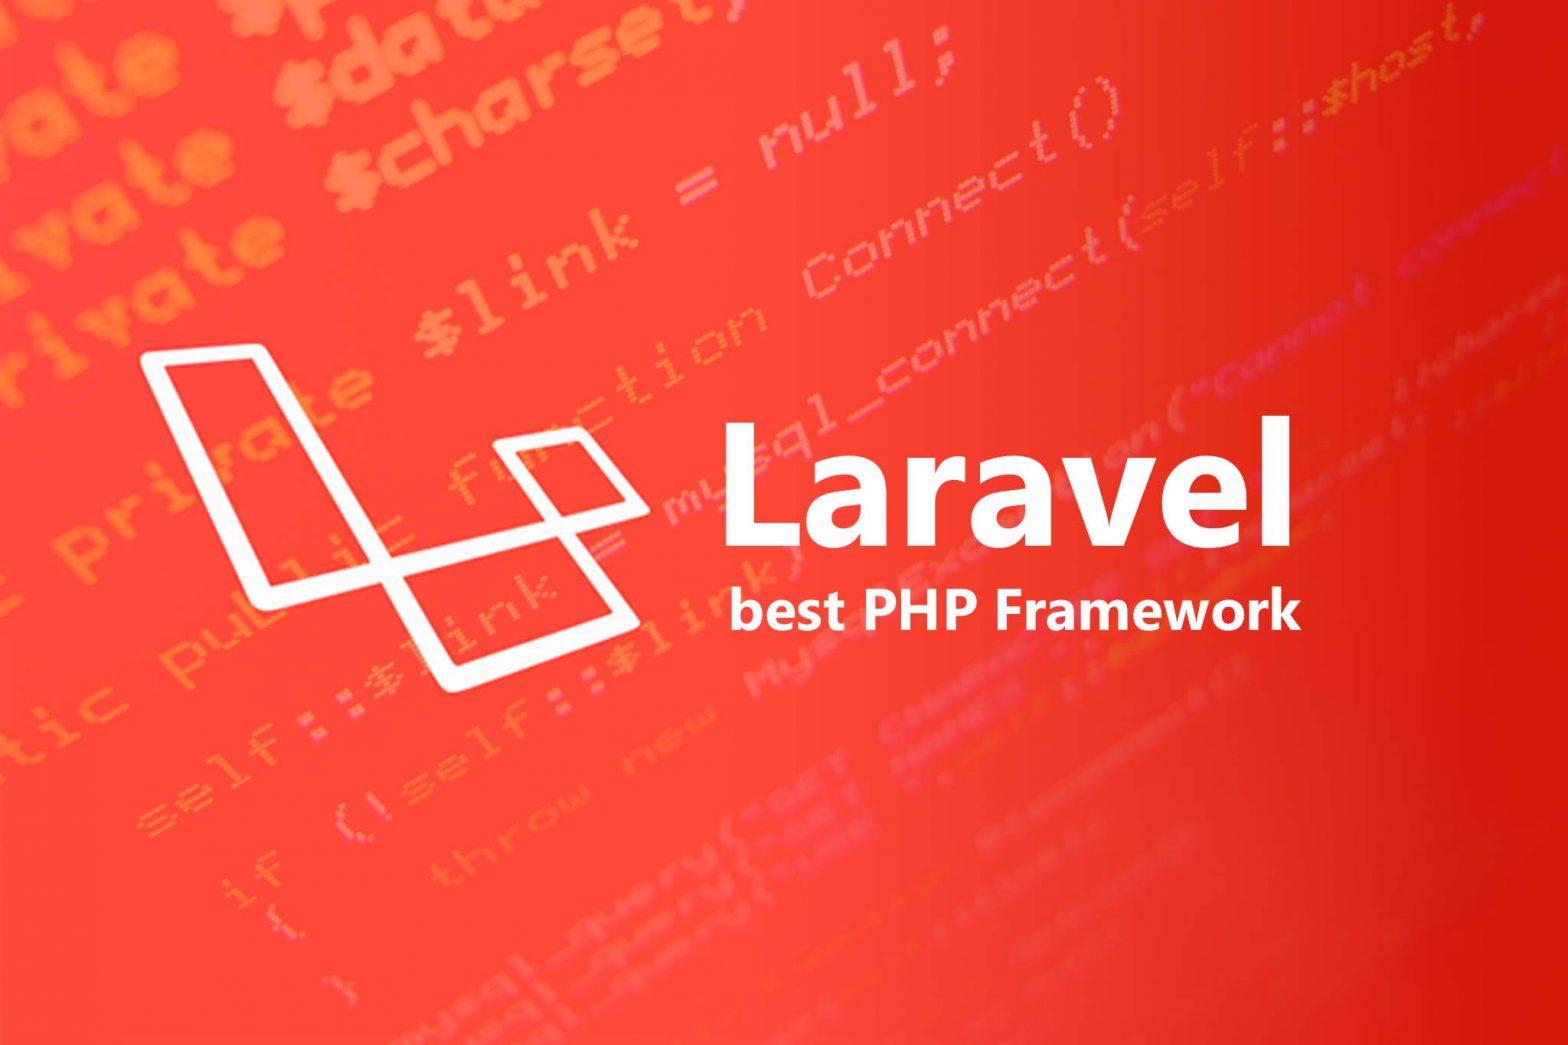 laravel best